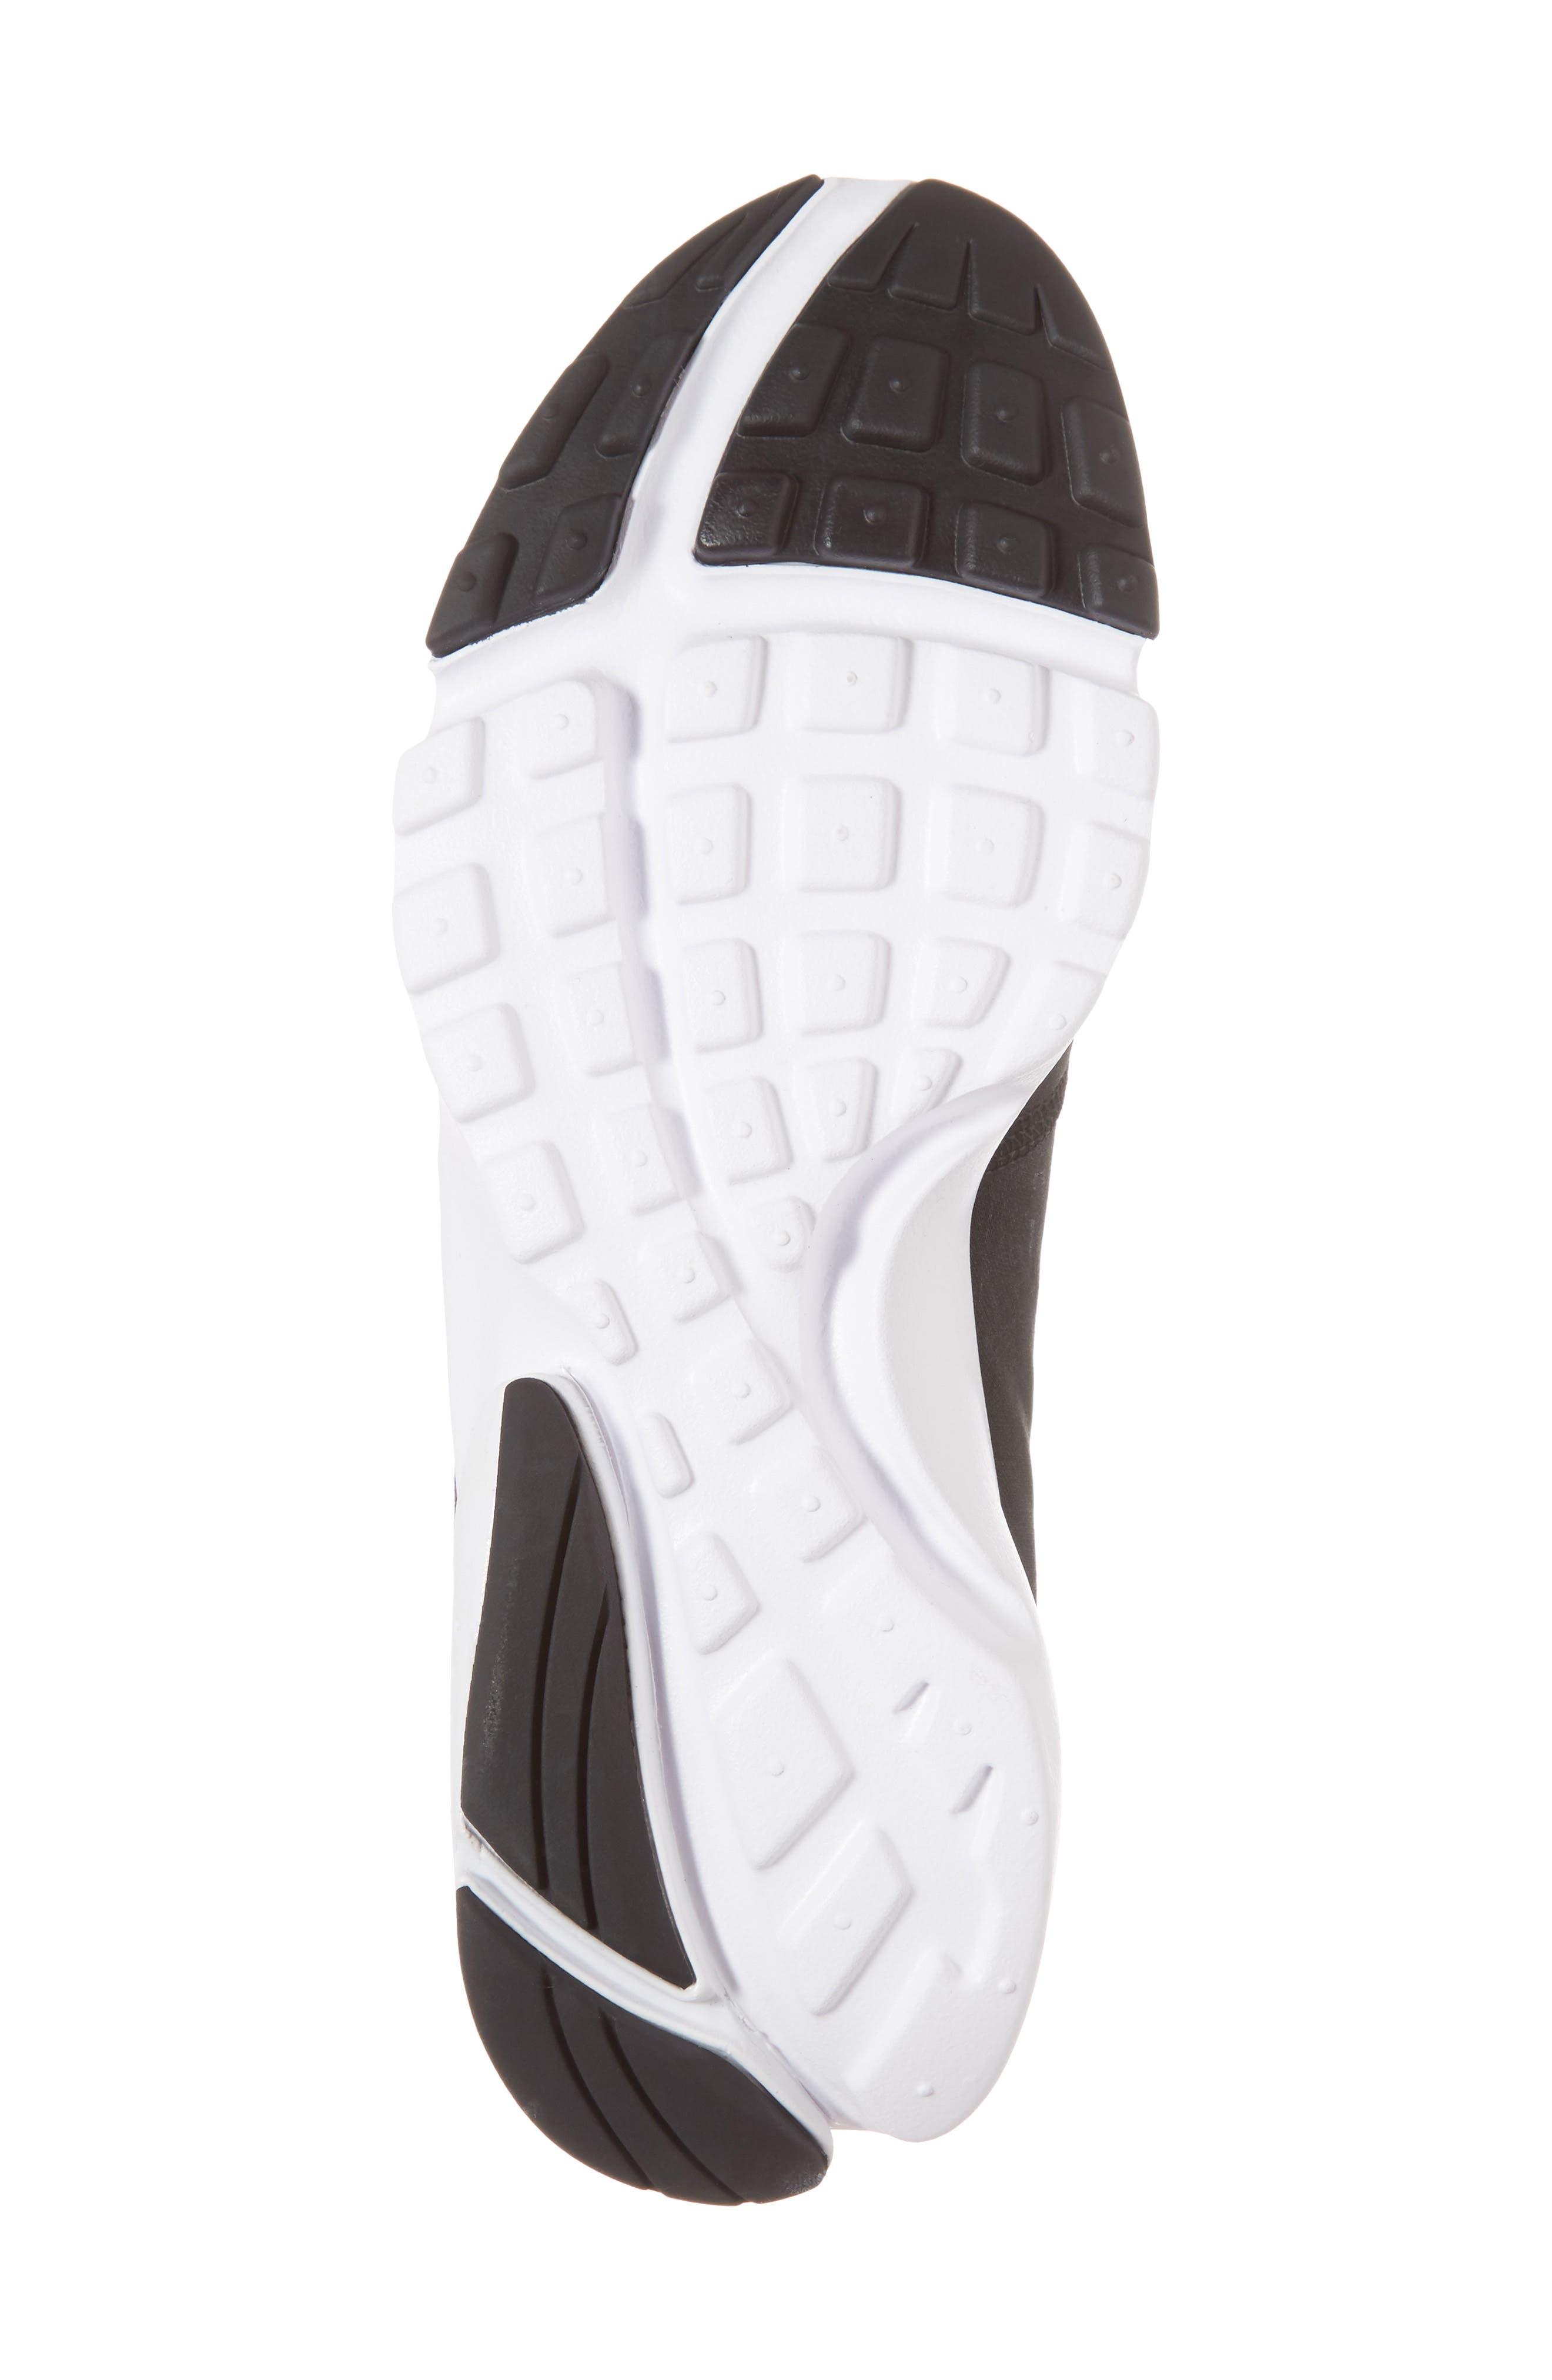 Presto Ultra SE Sneaker,                             Alternate thumbnail 6, color,                             Black/ Grey/ White